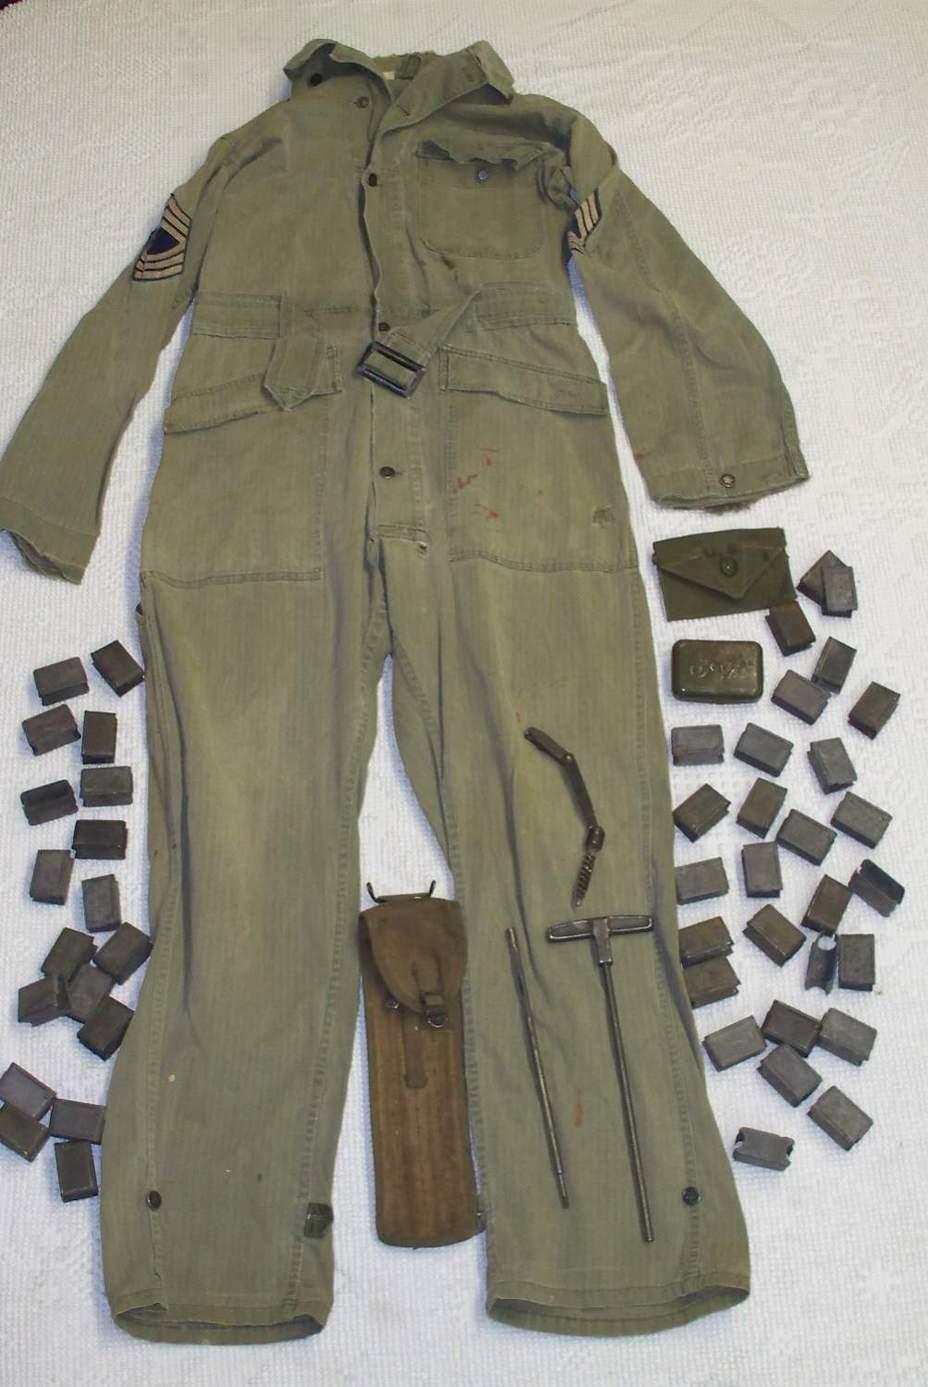 Кобинезон 2-го образца - Рабочая форма | Военно-исторический портал Warspot.ru